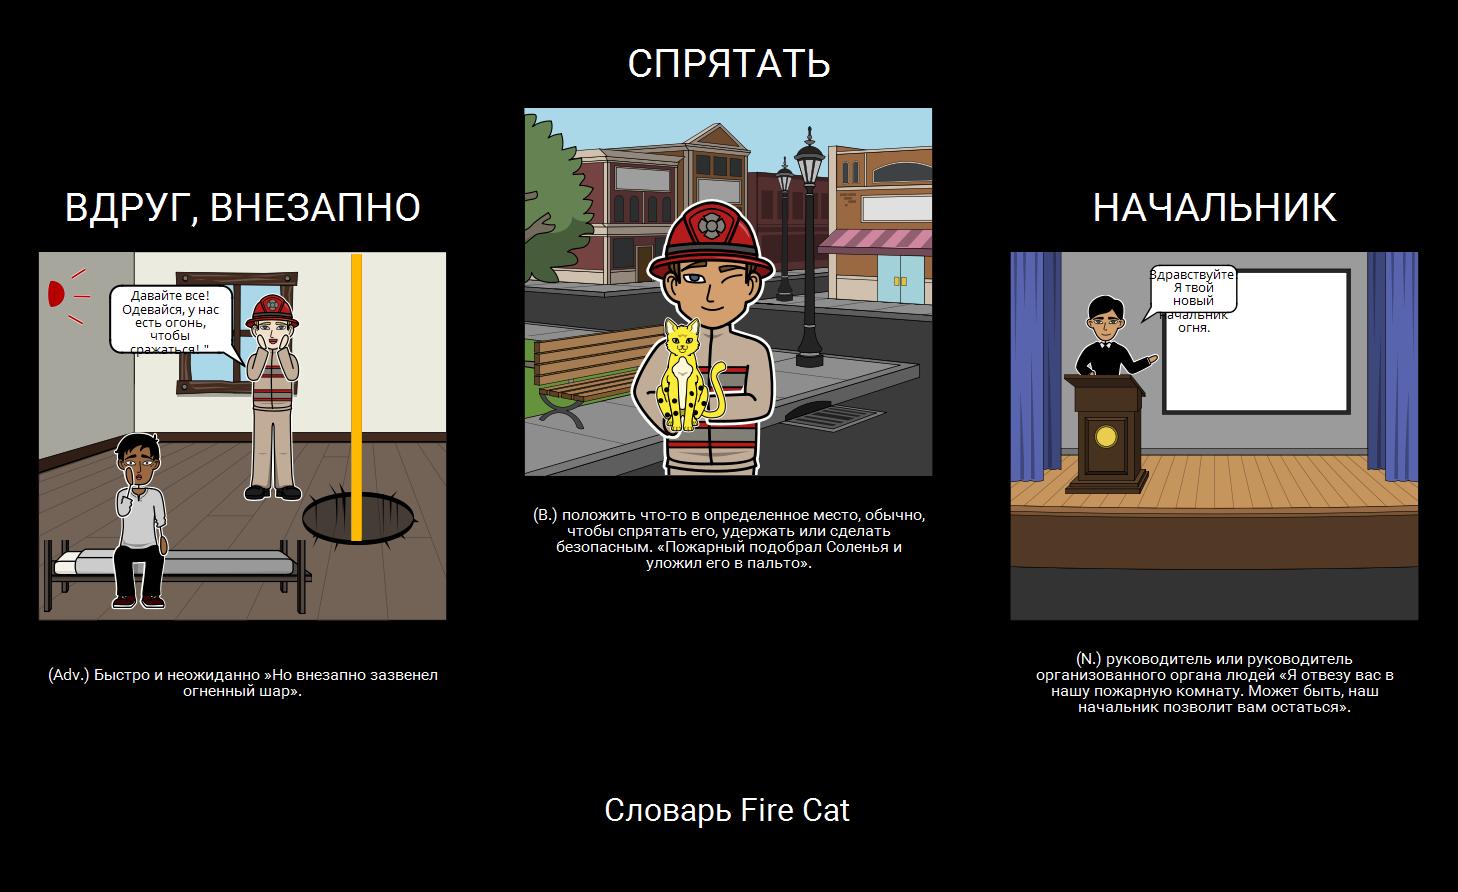 Словарь Пожарных Котов